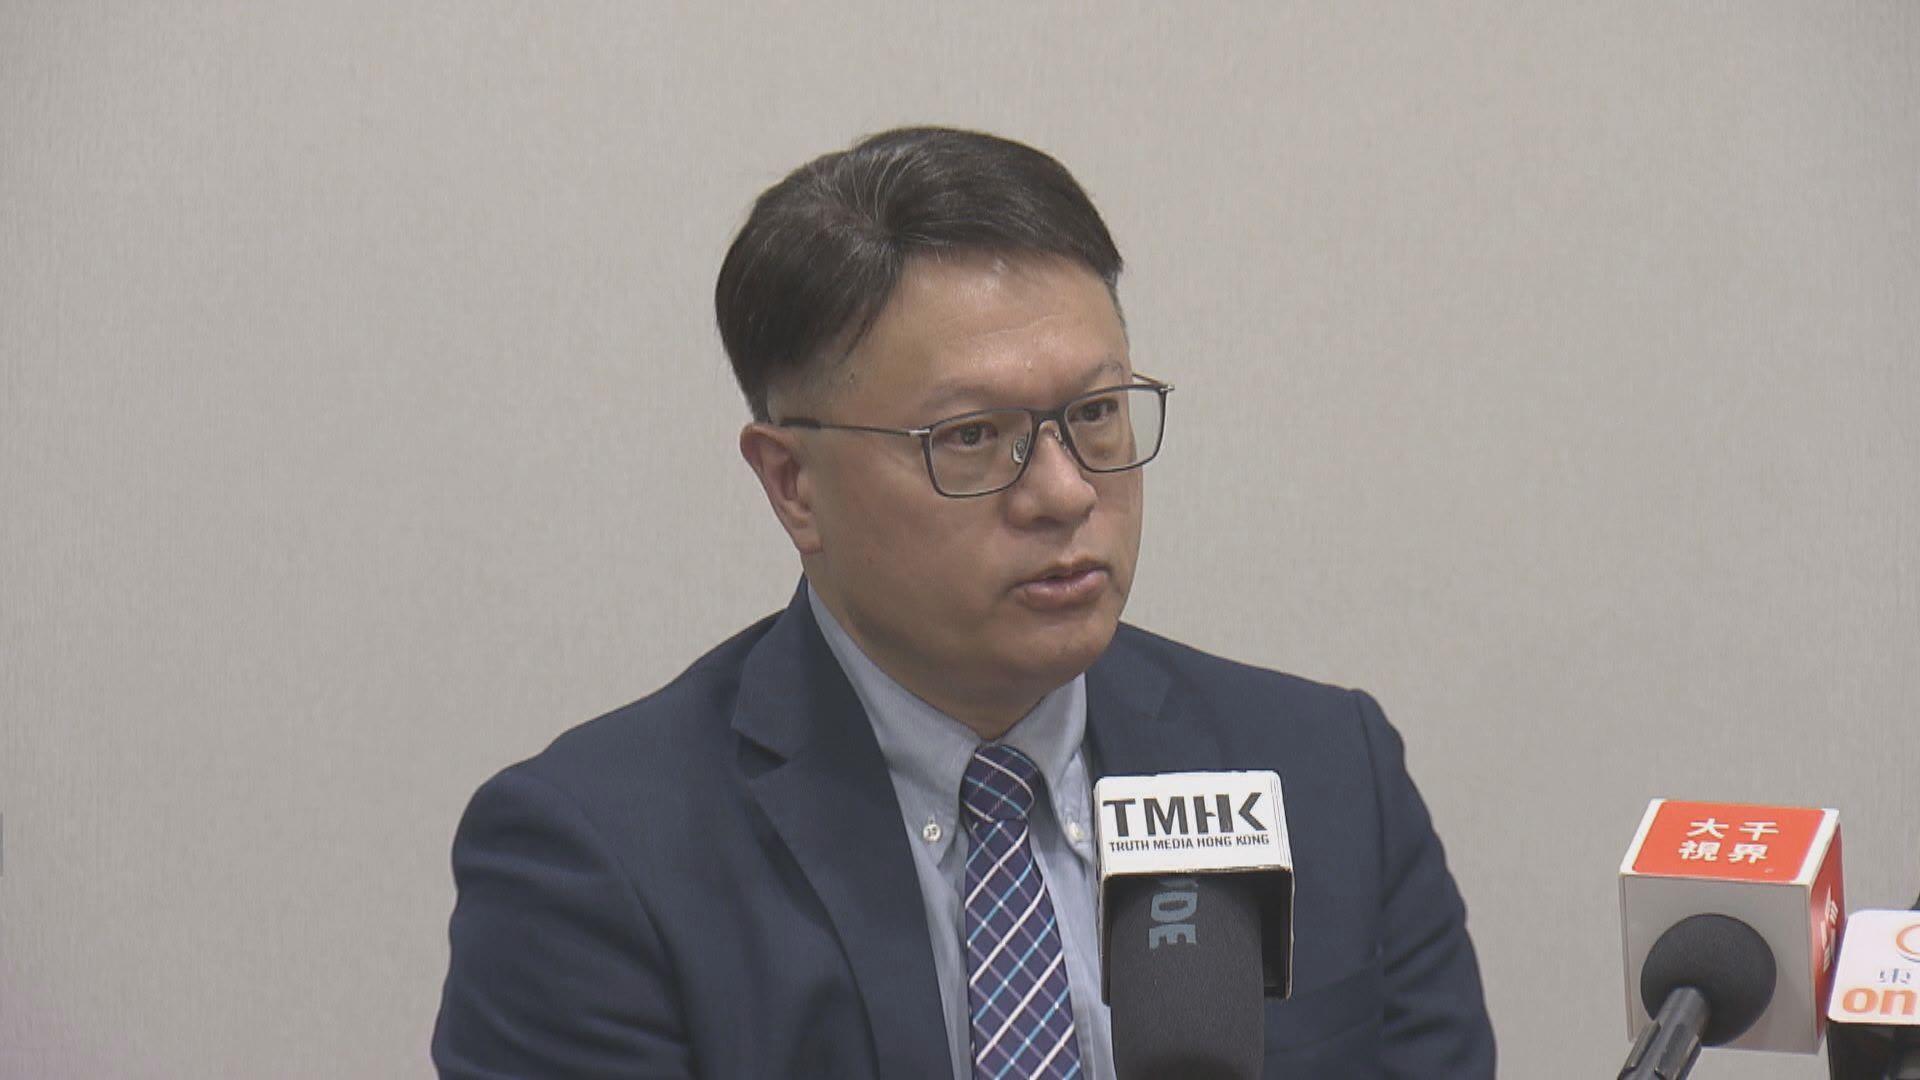 許樹昌:專家一致贊成將復必泰接種年齡下調至12歲